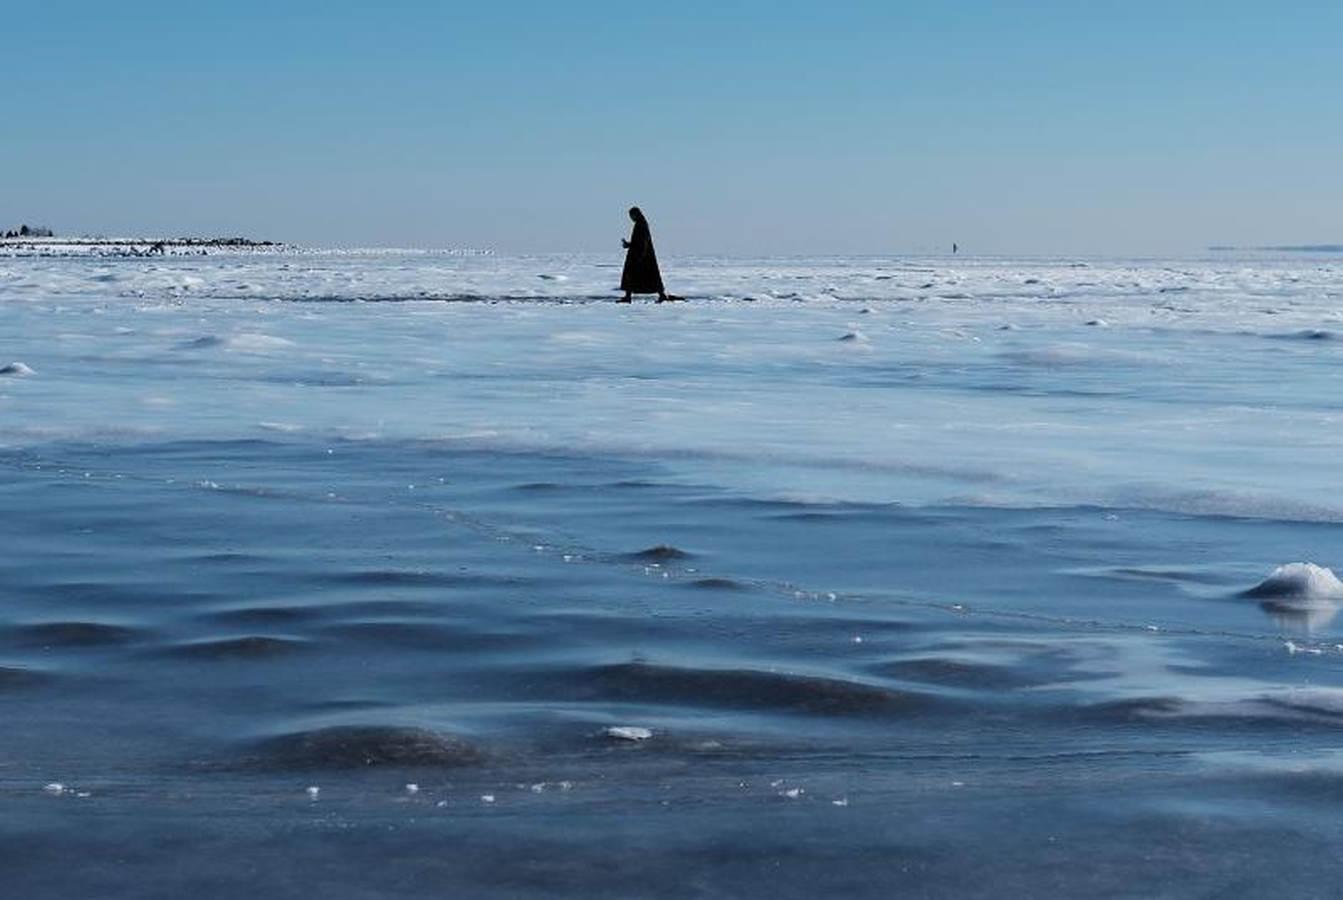 Una playa de hielo